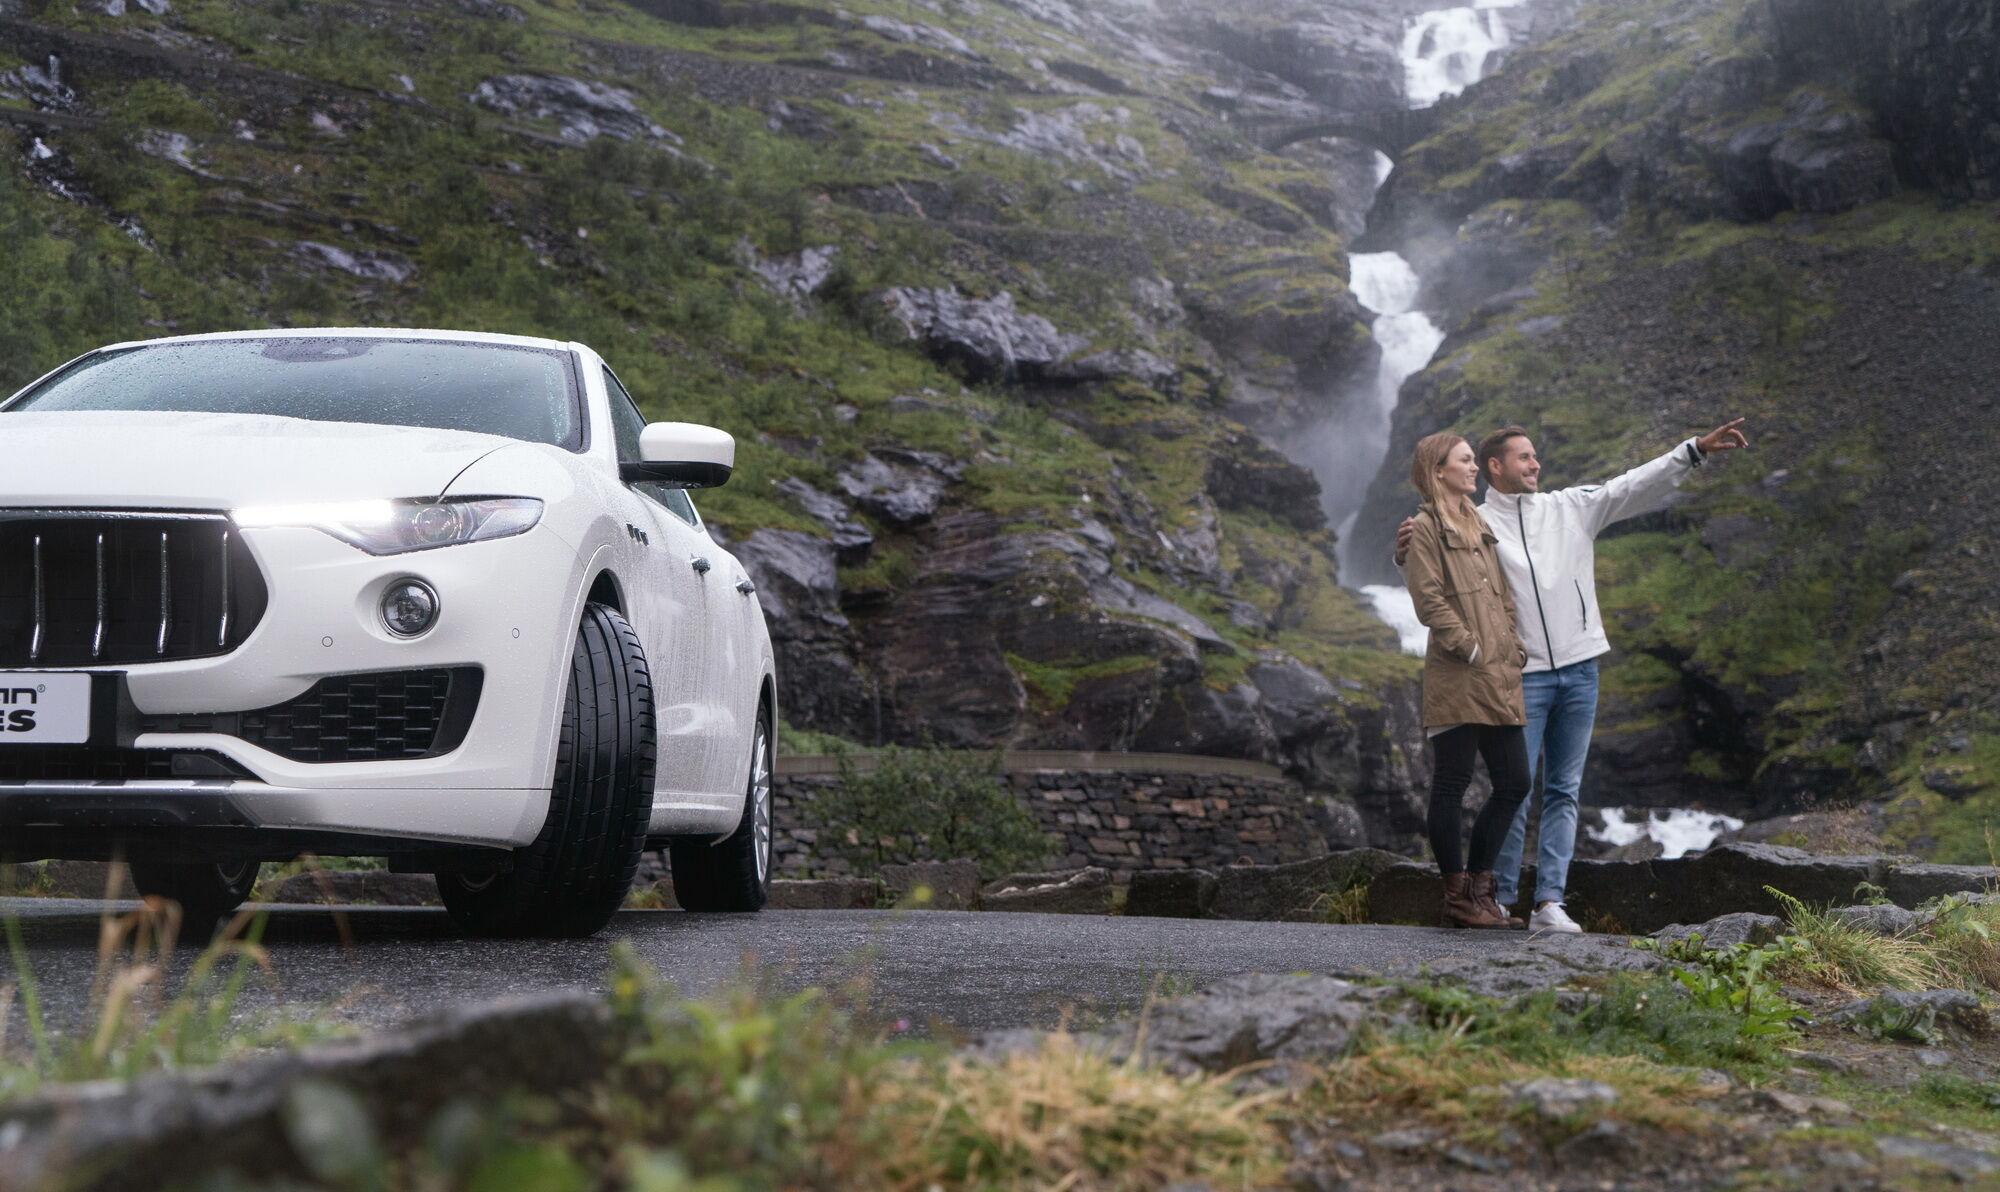 Количество кроссоверов и внедорожников растет с каждым годом, поэтому компания Nokian Tyres придает особое внимание продукции для этой категории автомобилей